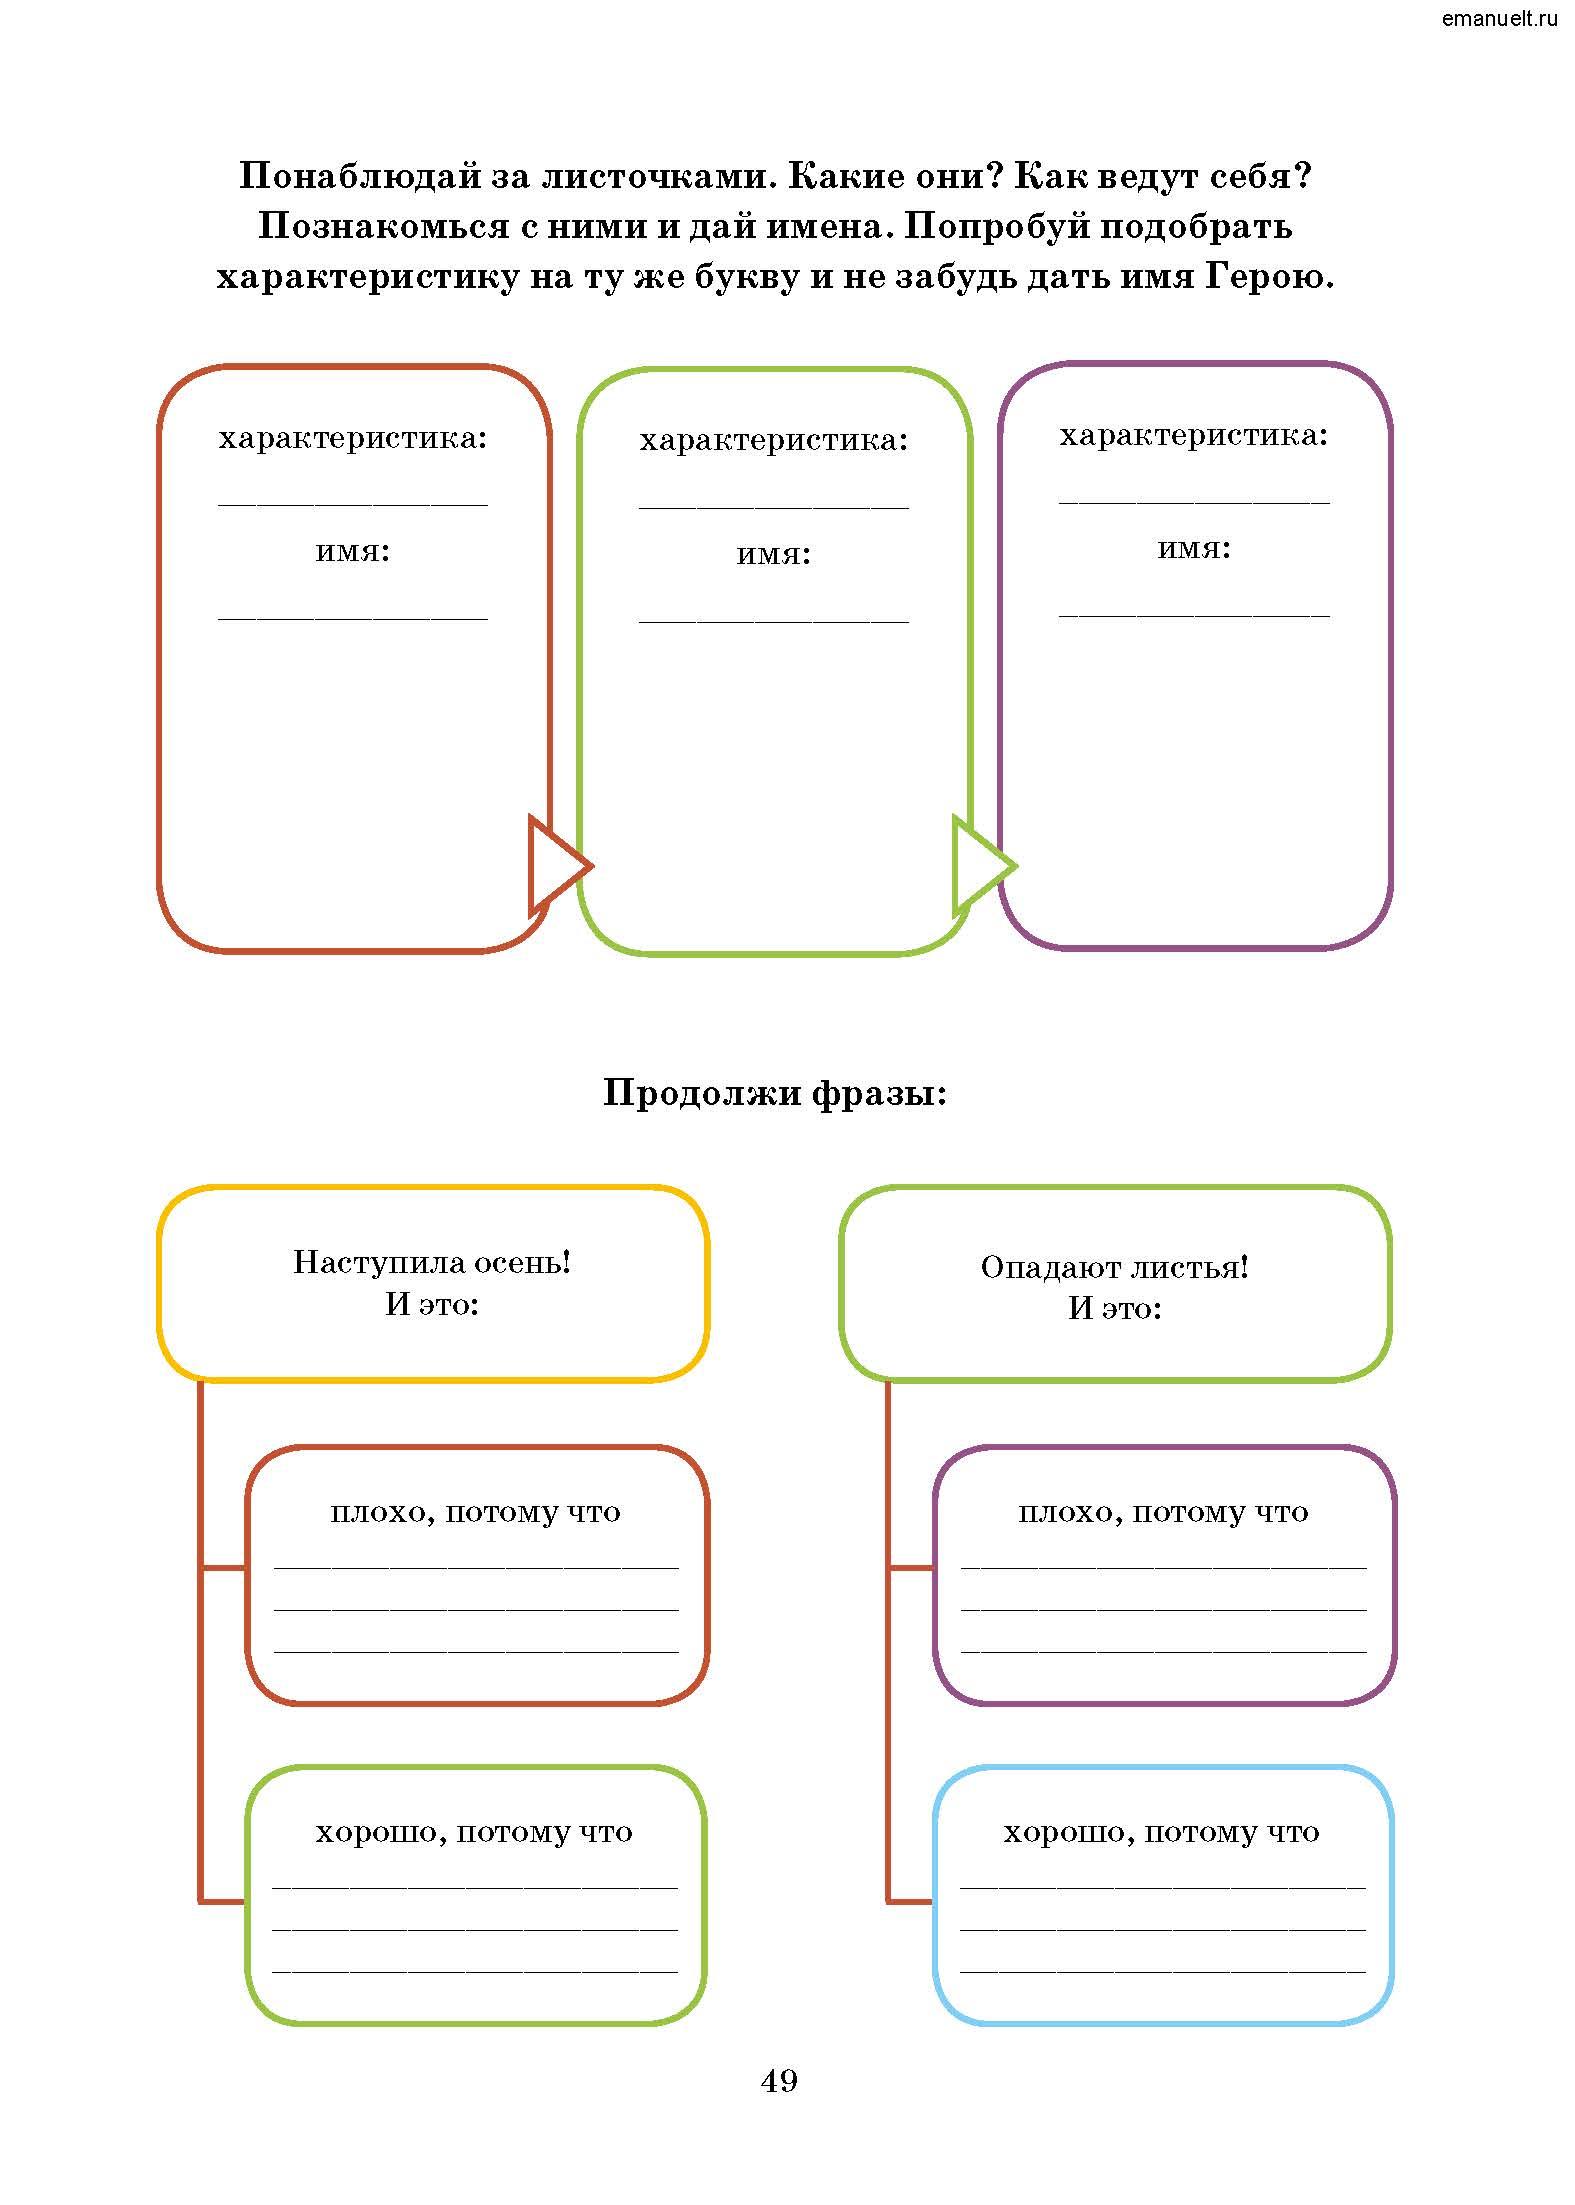 Рассказки в заданиях. emanuelt.ru_Страница_050